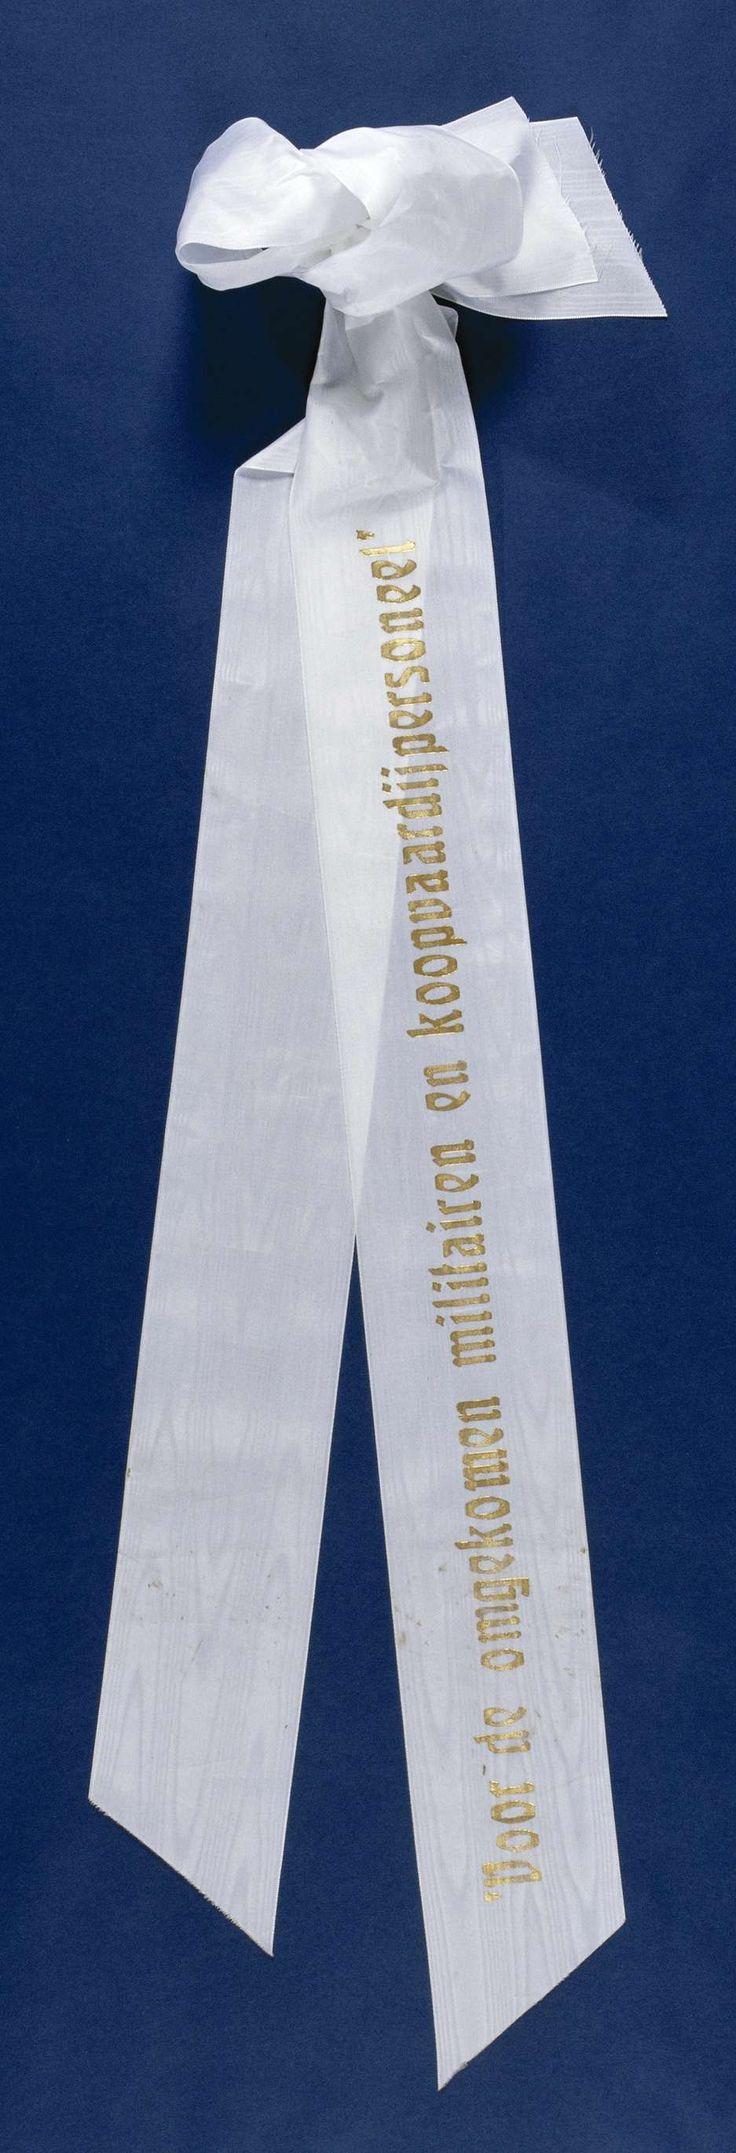 Anonymous | Lint 'Voor de omgekomen militairen en koopvaardijpersoneel', Anonymous, 2000 | Twee aan elkaar gebonden witte linten, gelegd op 4 mei 2000 bij het Nationaal Monument op de Dam. Het bovenste lint is v.z.v. een gouden opdruk. Onderste lint is blanco. Linten zijn aan de uiteinden schuin afgeknipt. Aan een zijde tot strik samengebonden met ijzerdraad. IJzerdraad gebogen t.b.v. bevestiging aan krans.